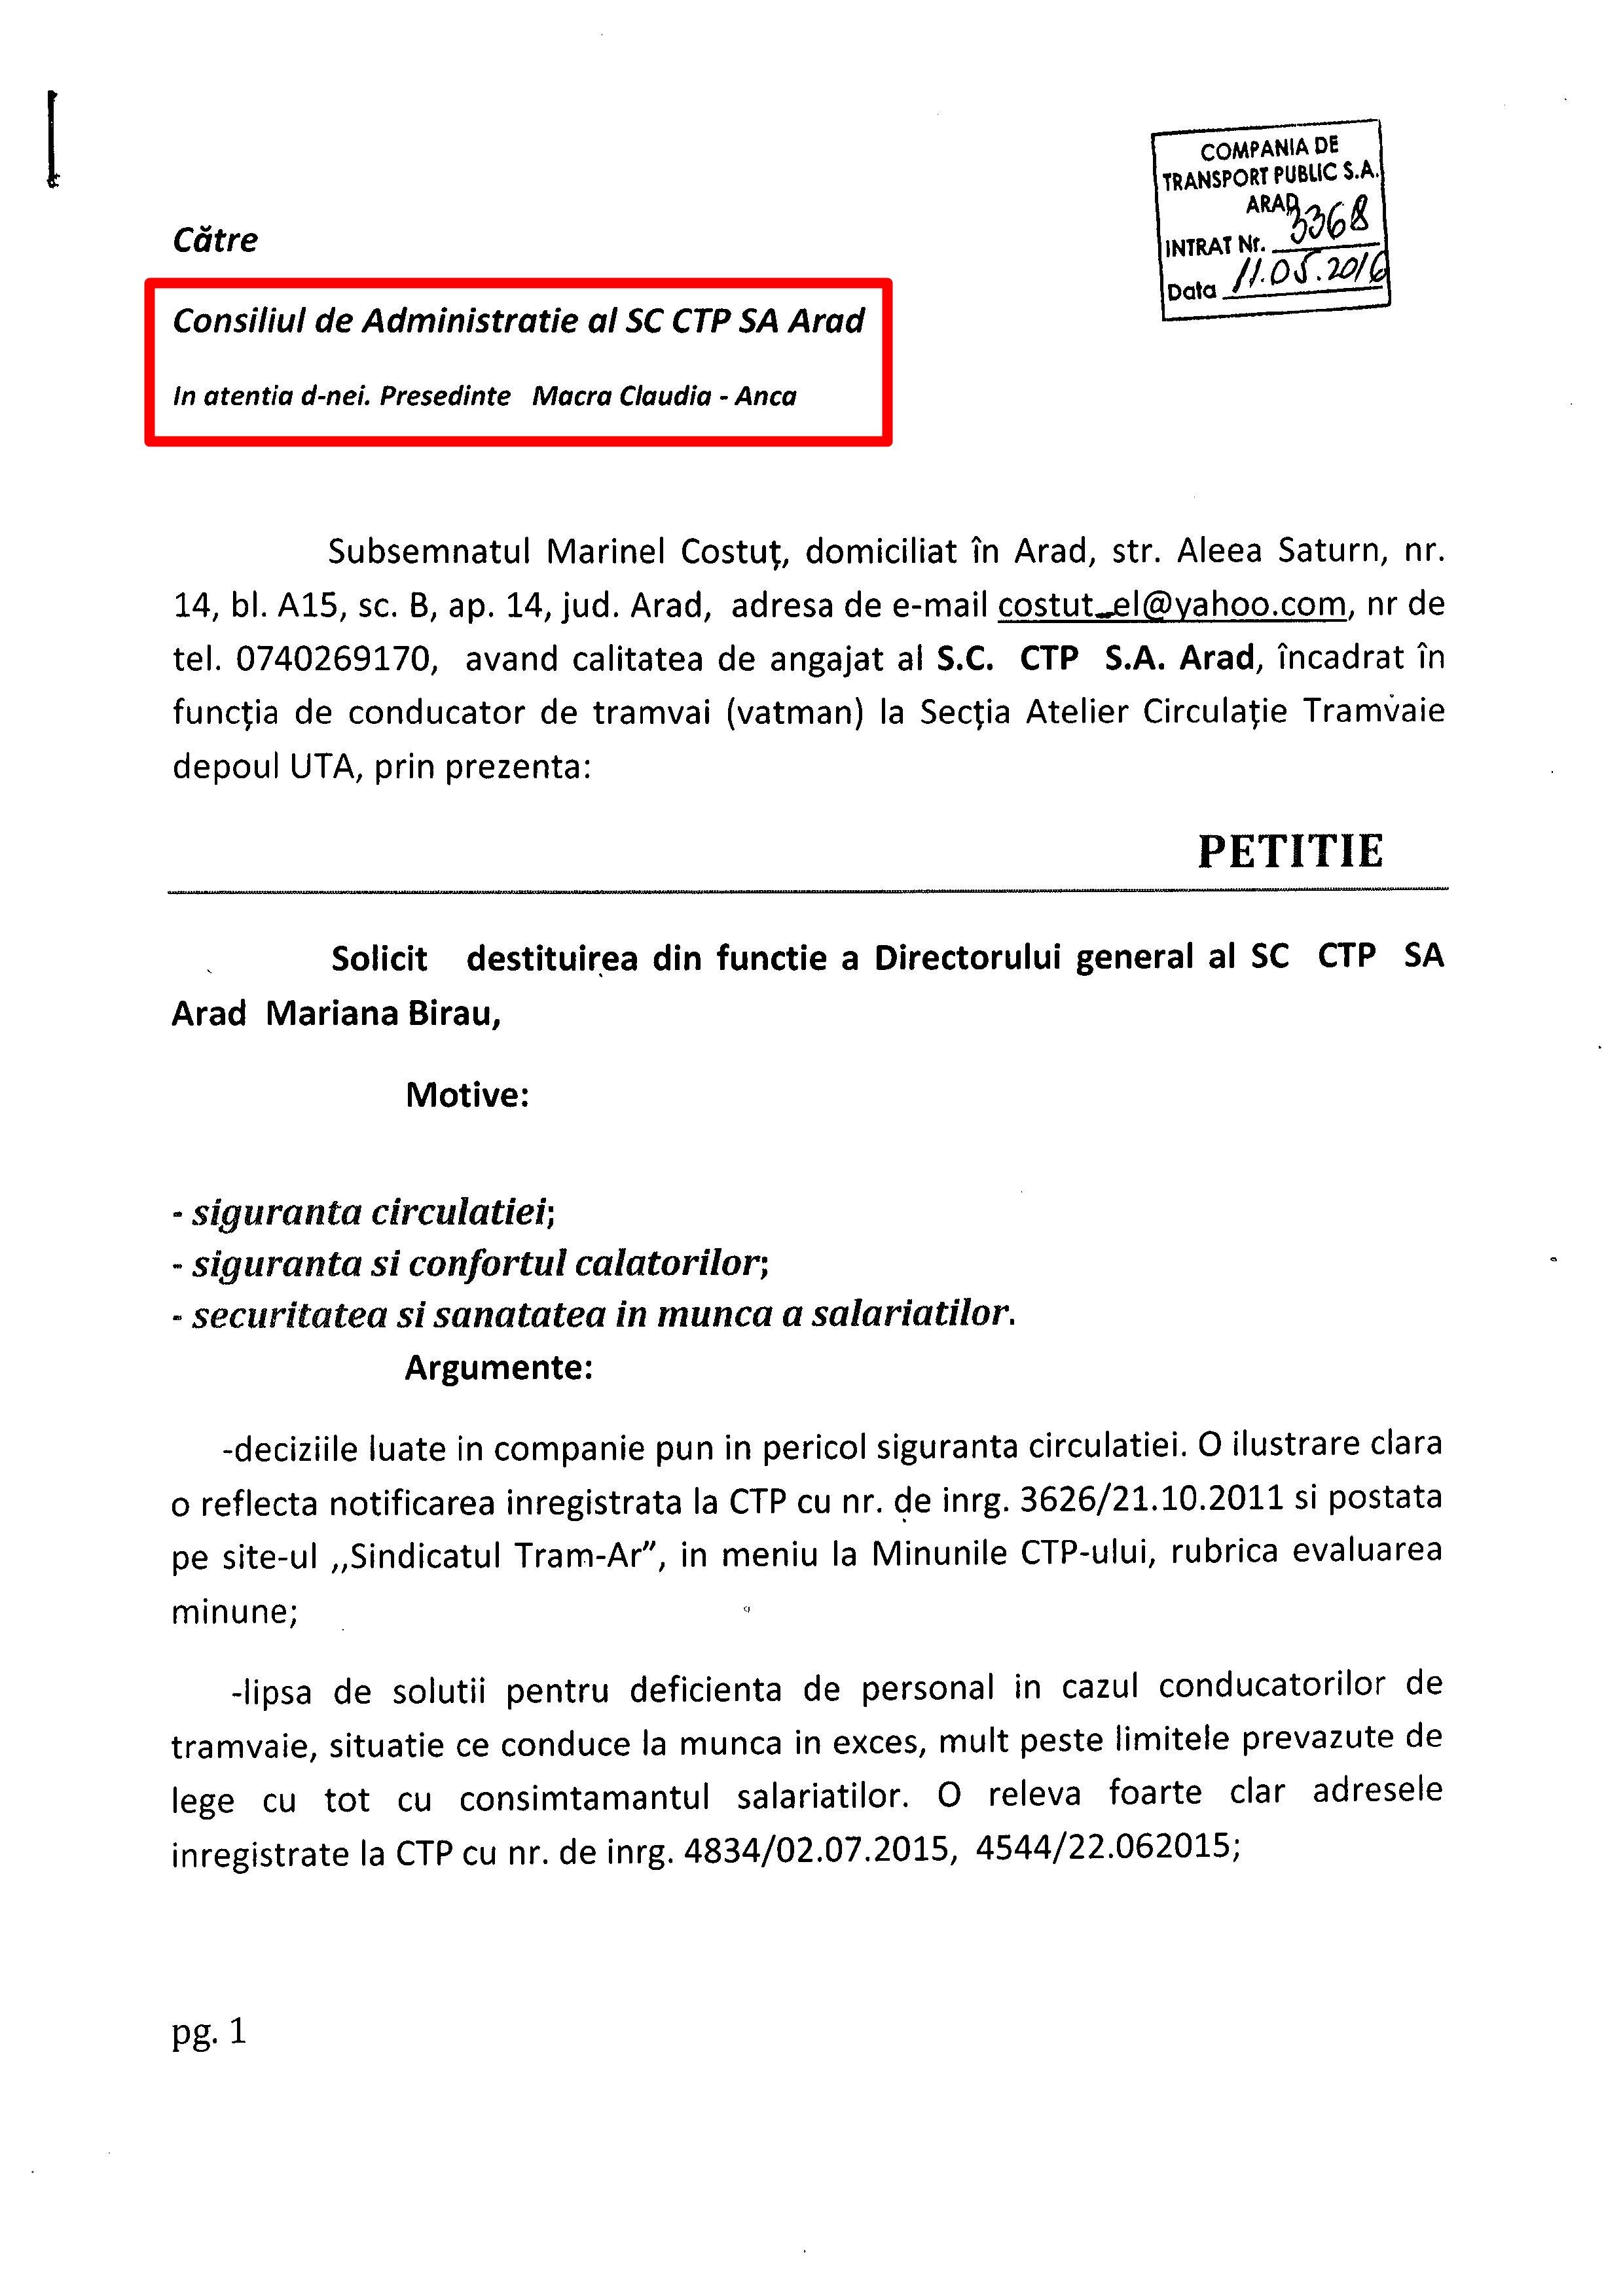 2016-05-11-petitie-consiliu-de-administratie-page-001